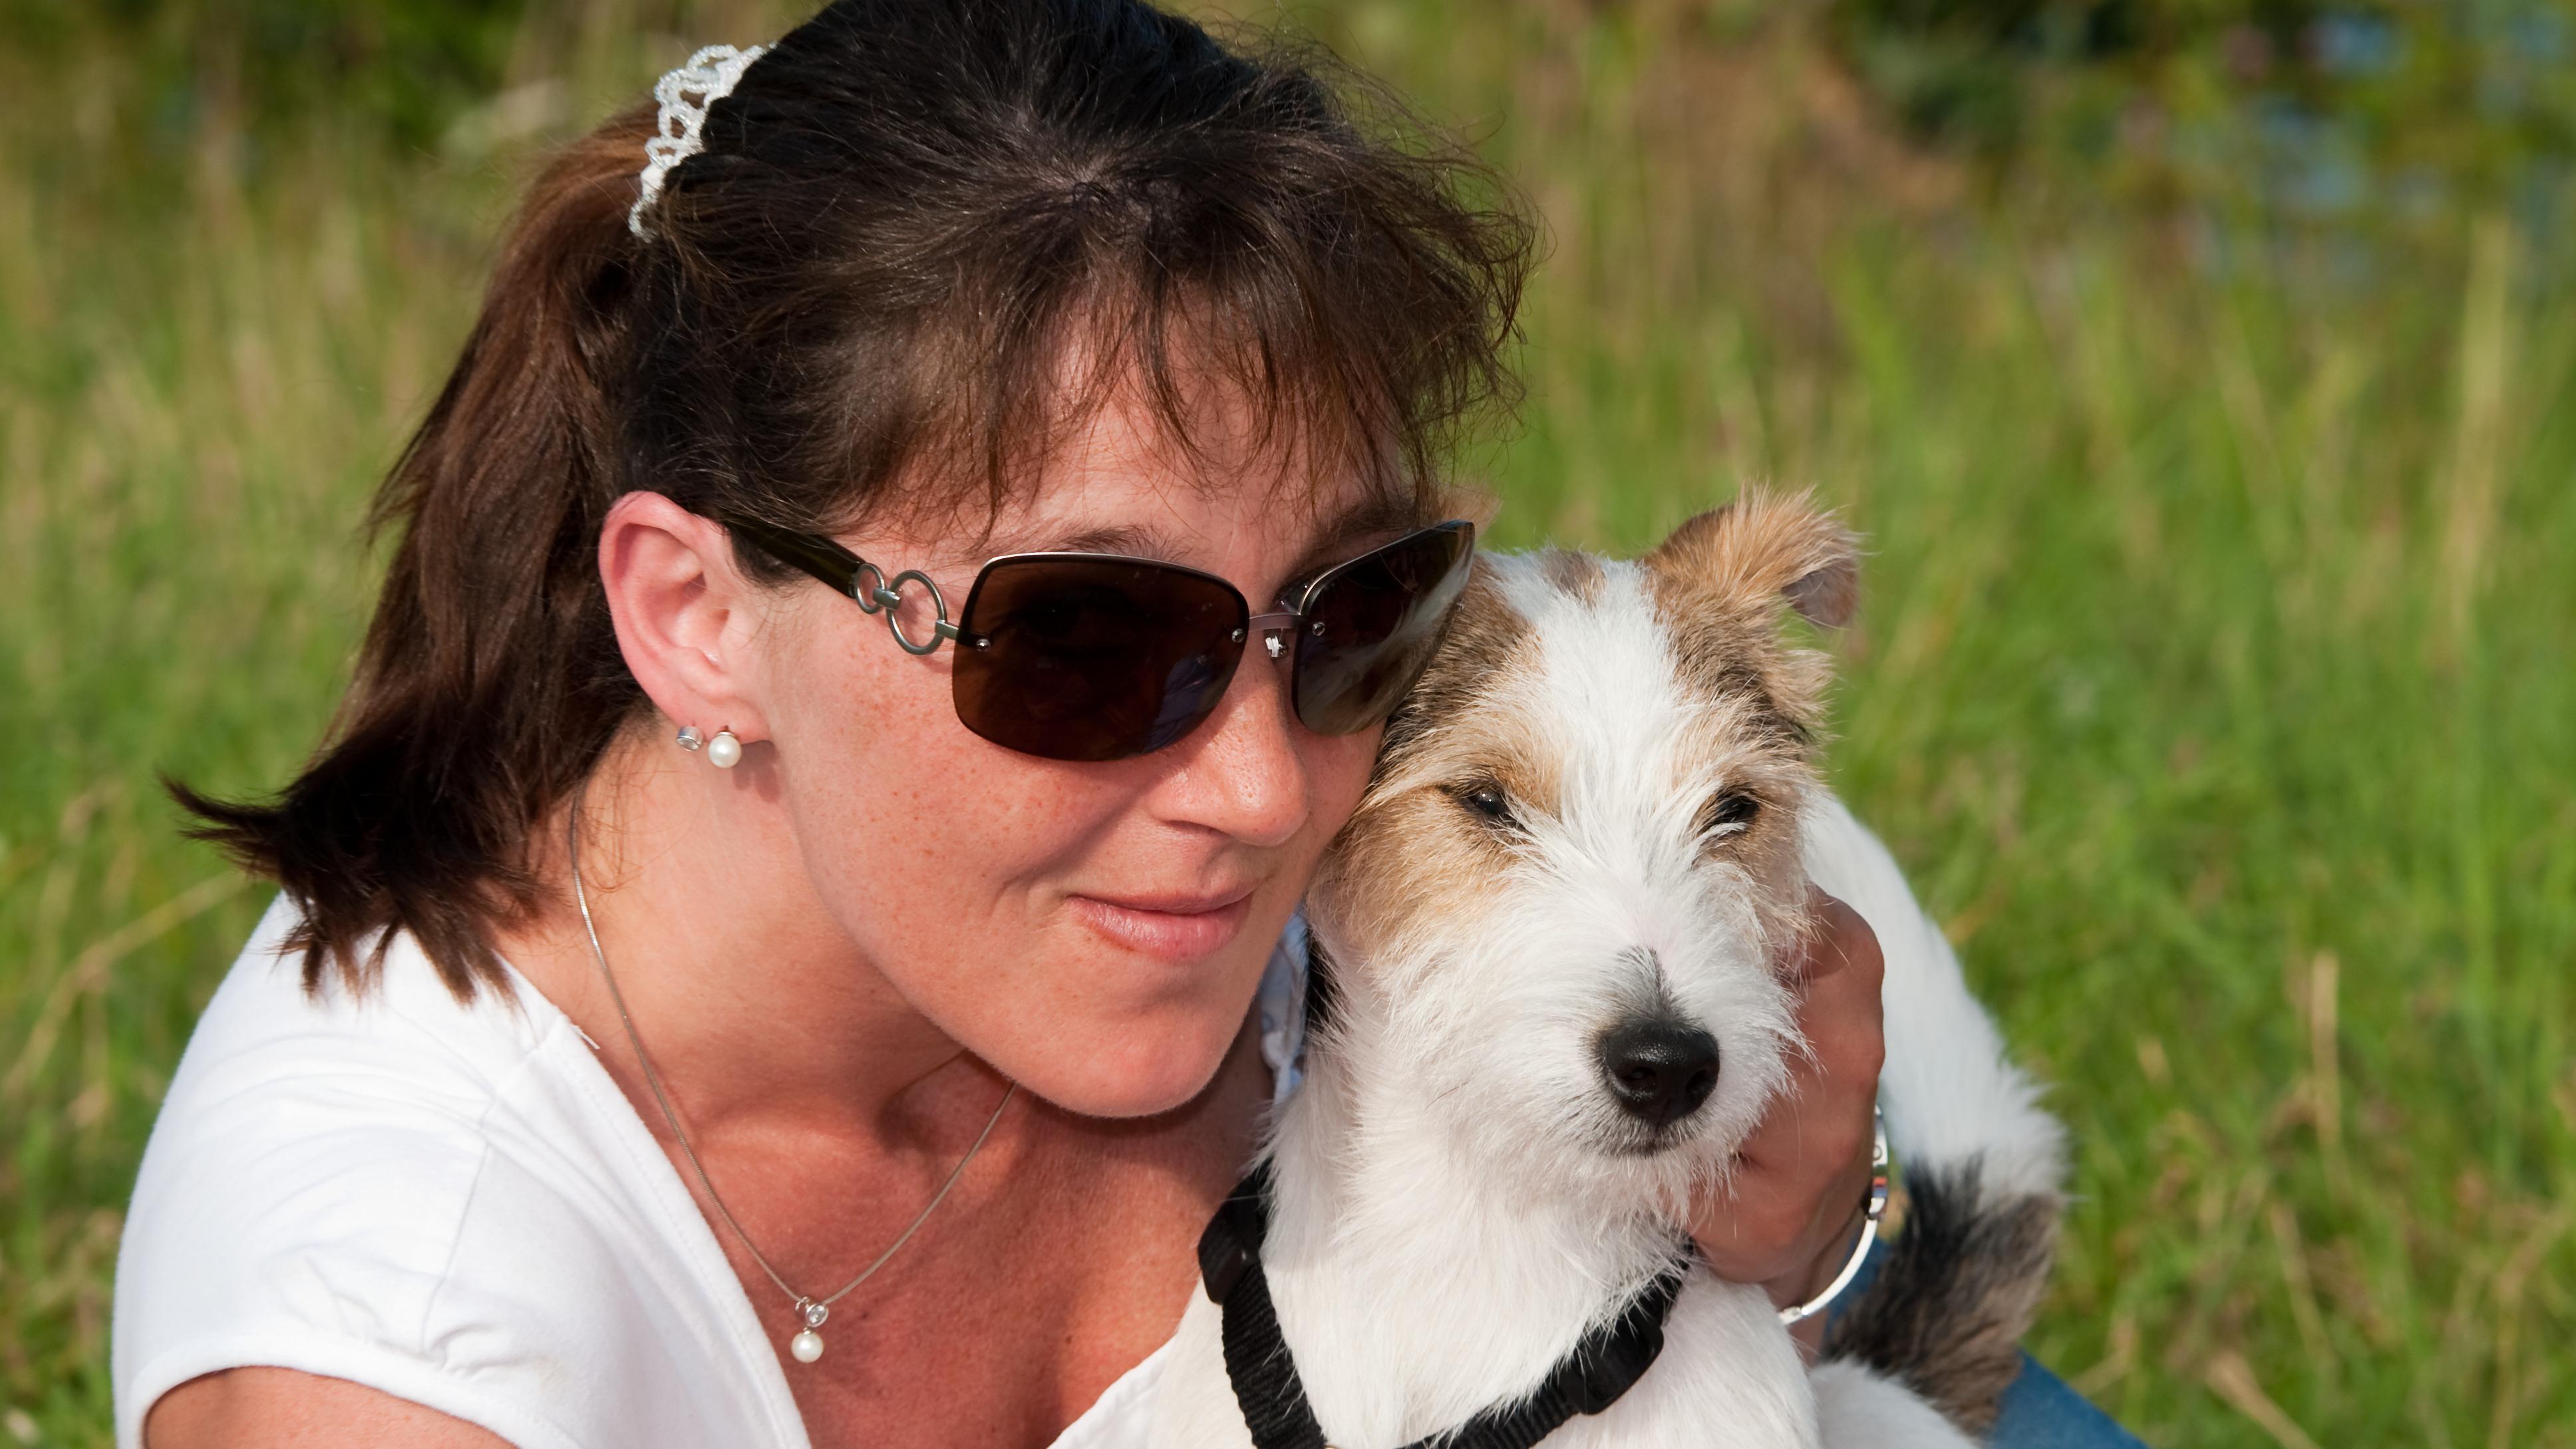 Zu den übertragbaren Krankheiten vom Hund auf den Menschen zählen zum Beispiel Tollwut oder Krätze.